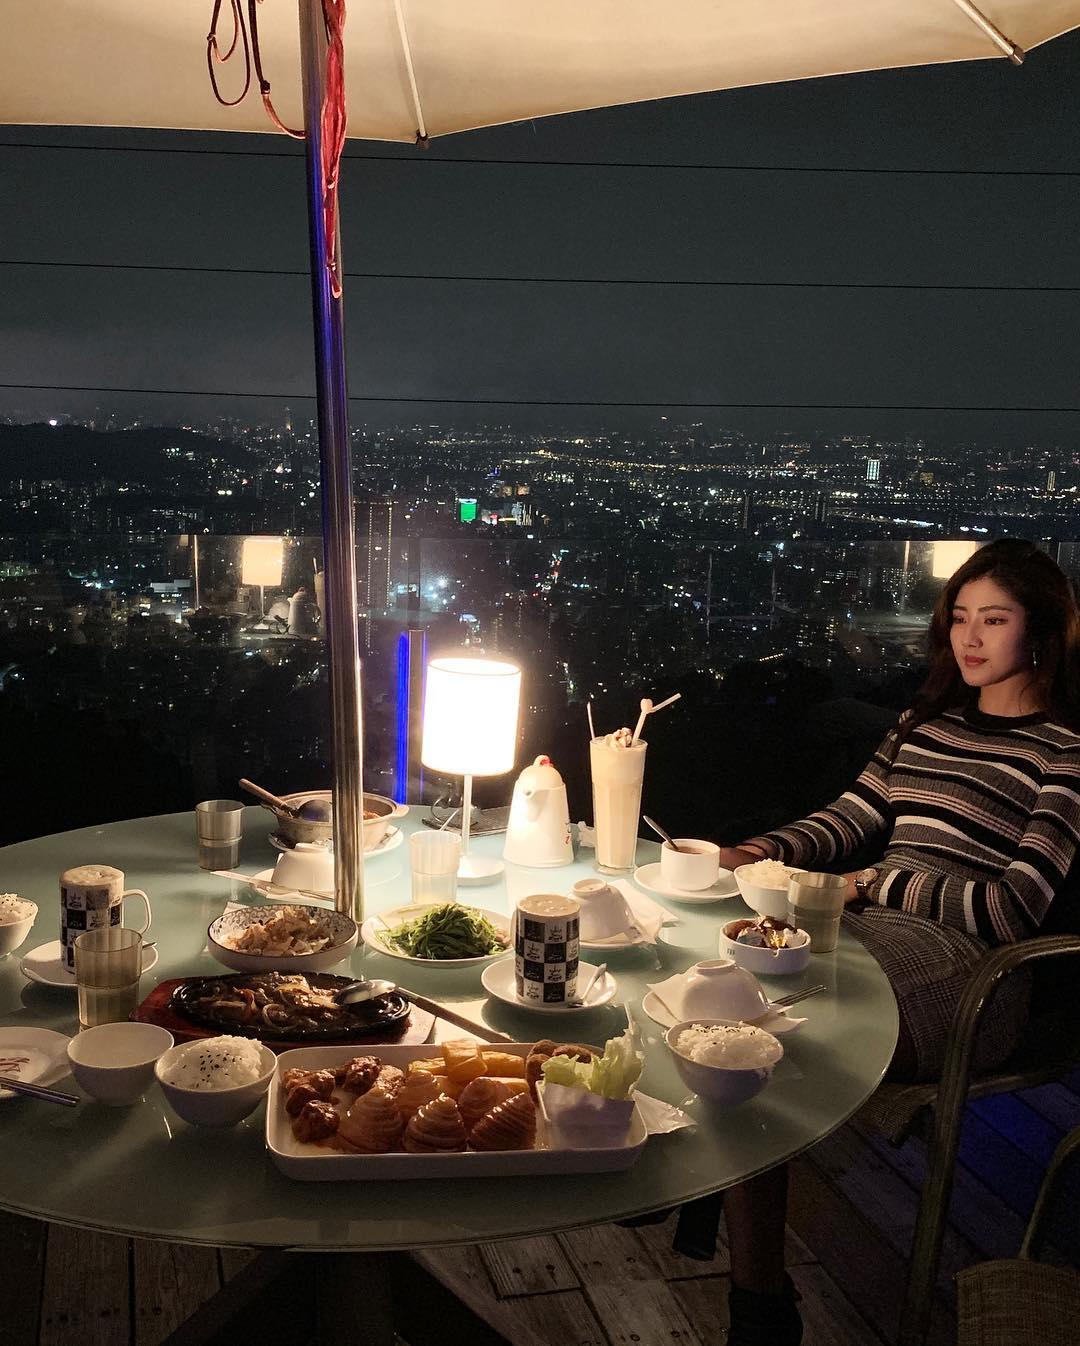 全臺10大夜景餐廳盤點!喝咖啡談心。再看看星空。就是夜晚最棒的享受了 | 夜景、咖啡廳、臺北夜景、臺中 ...